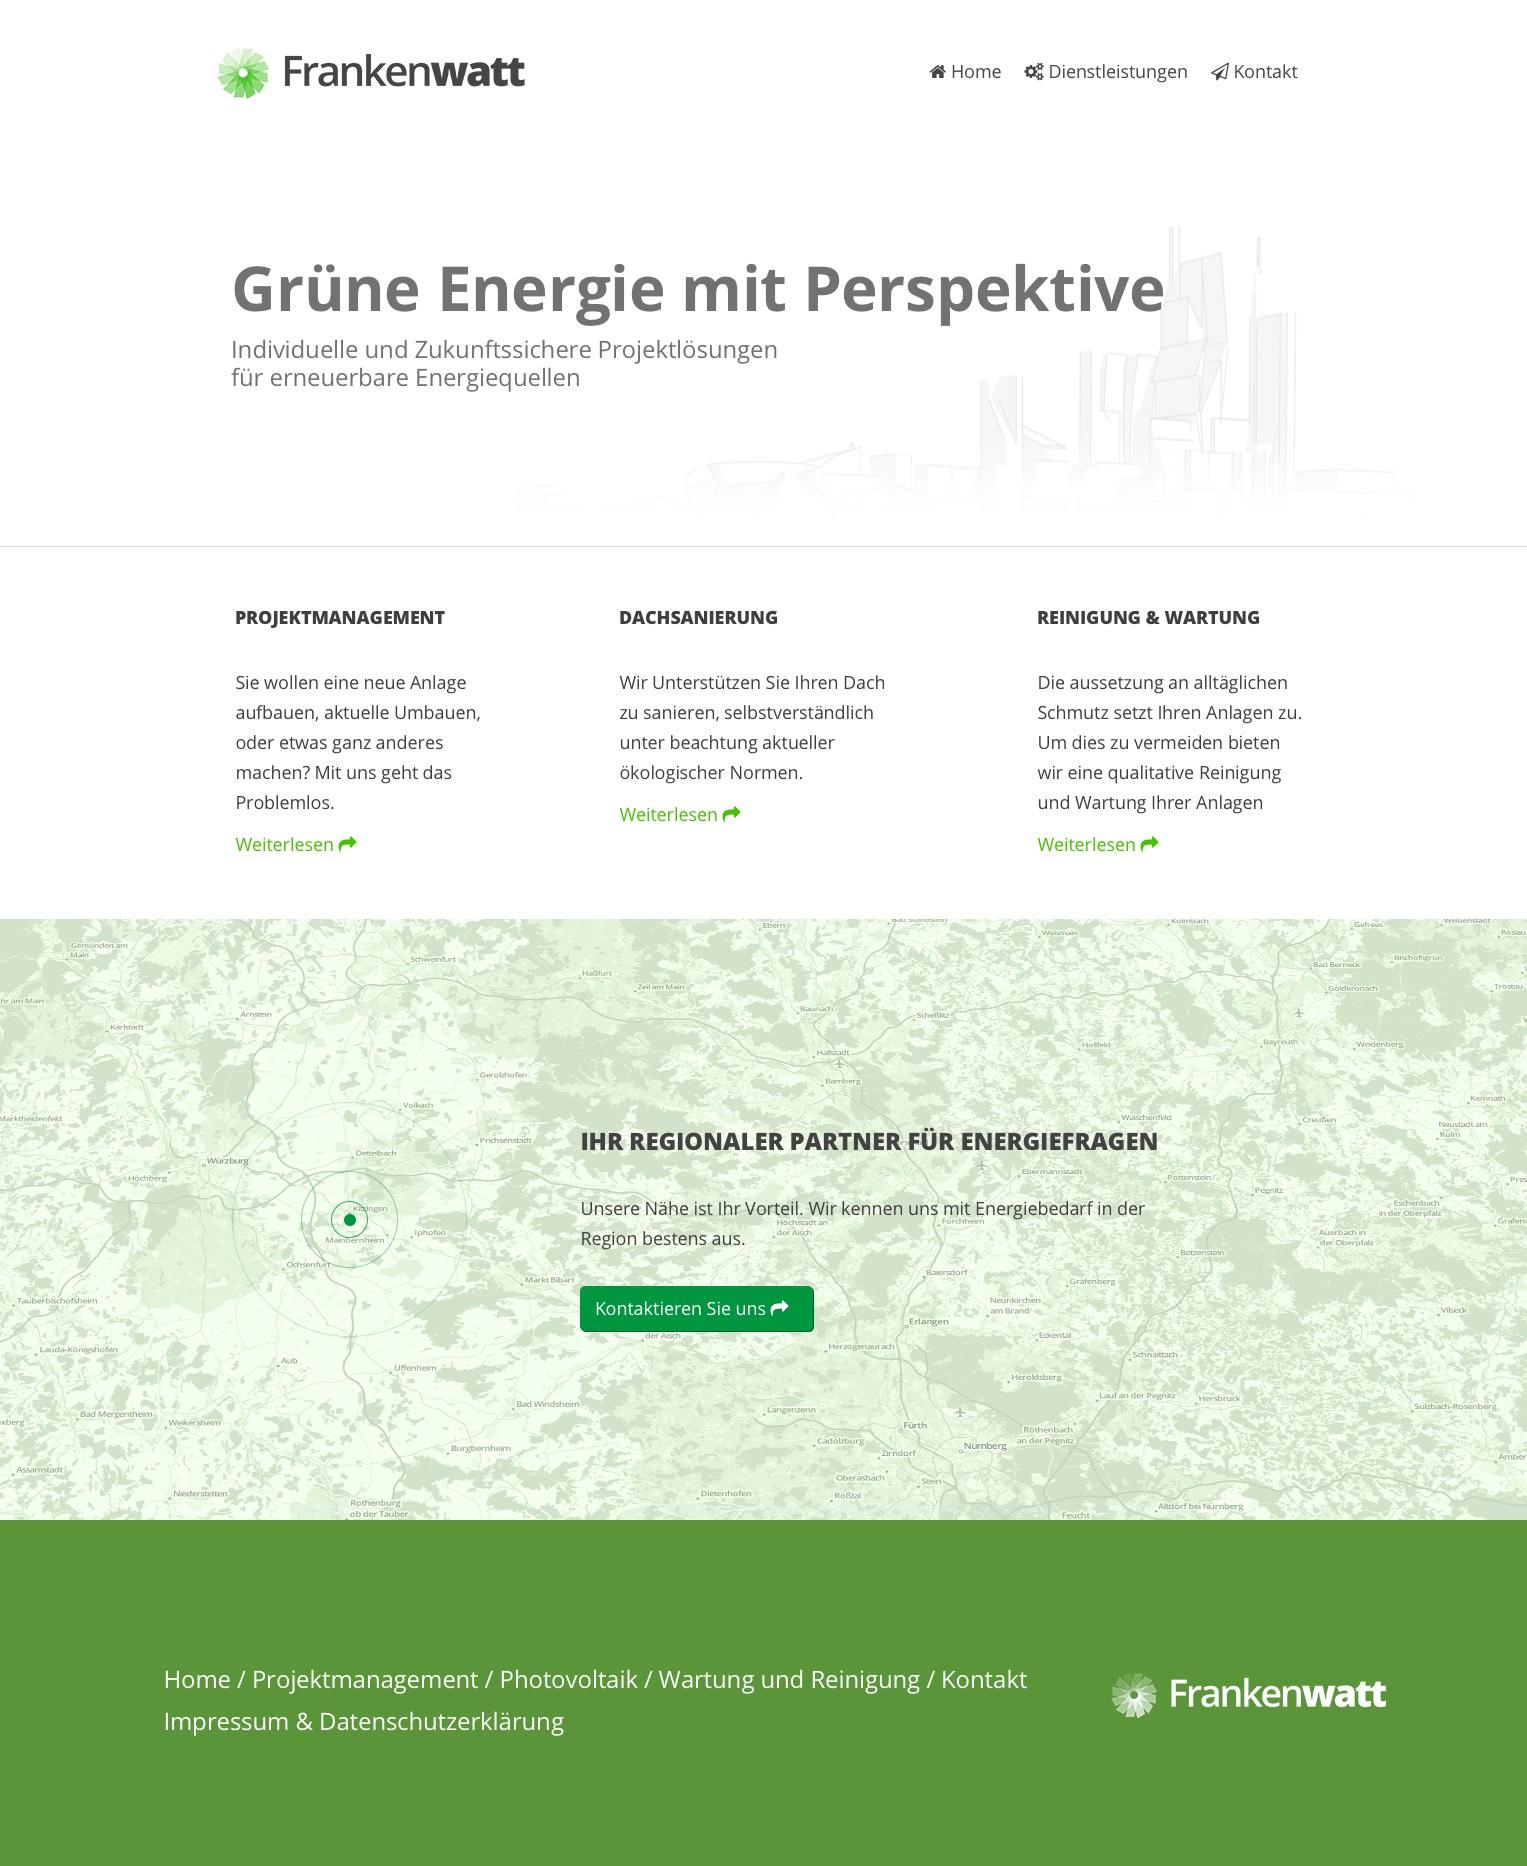 Ein Entwurf für eine Website (in Grafikform)